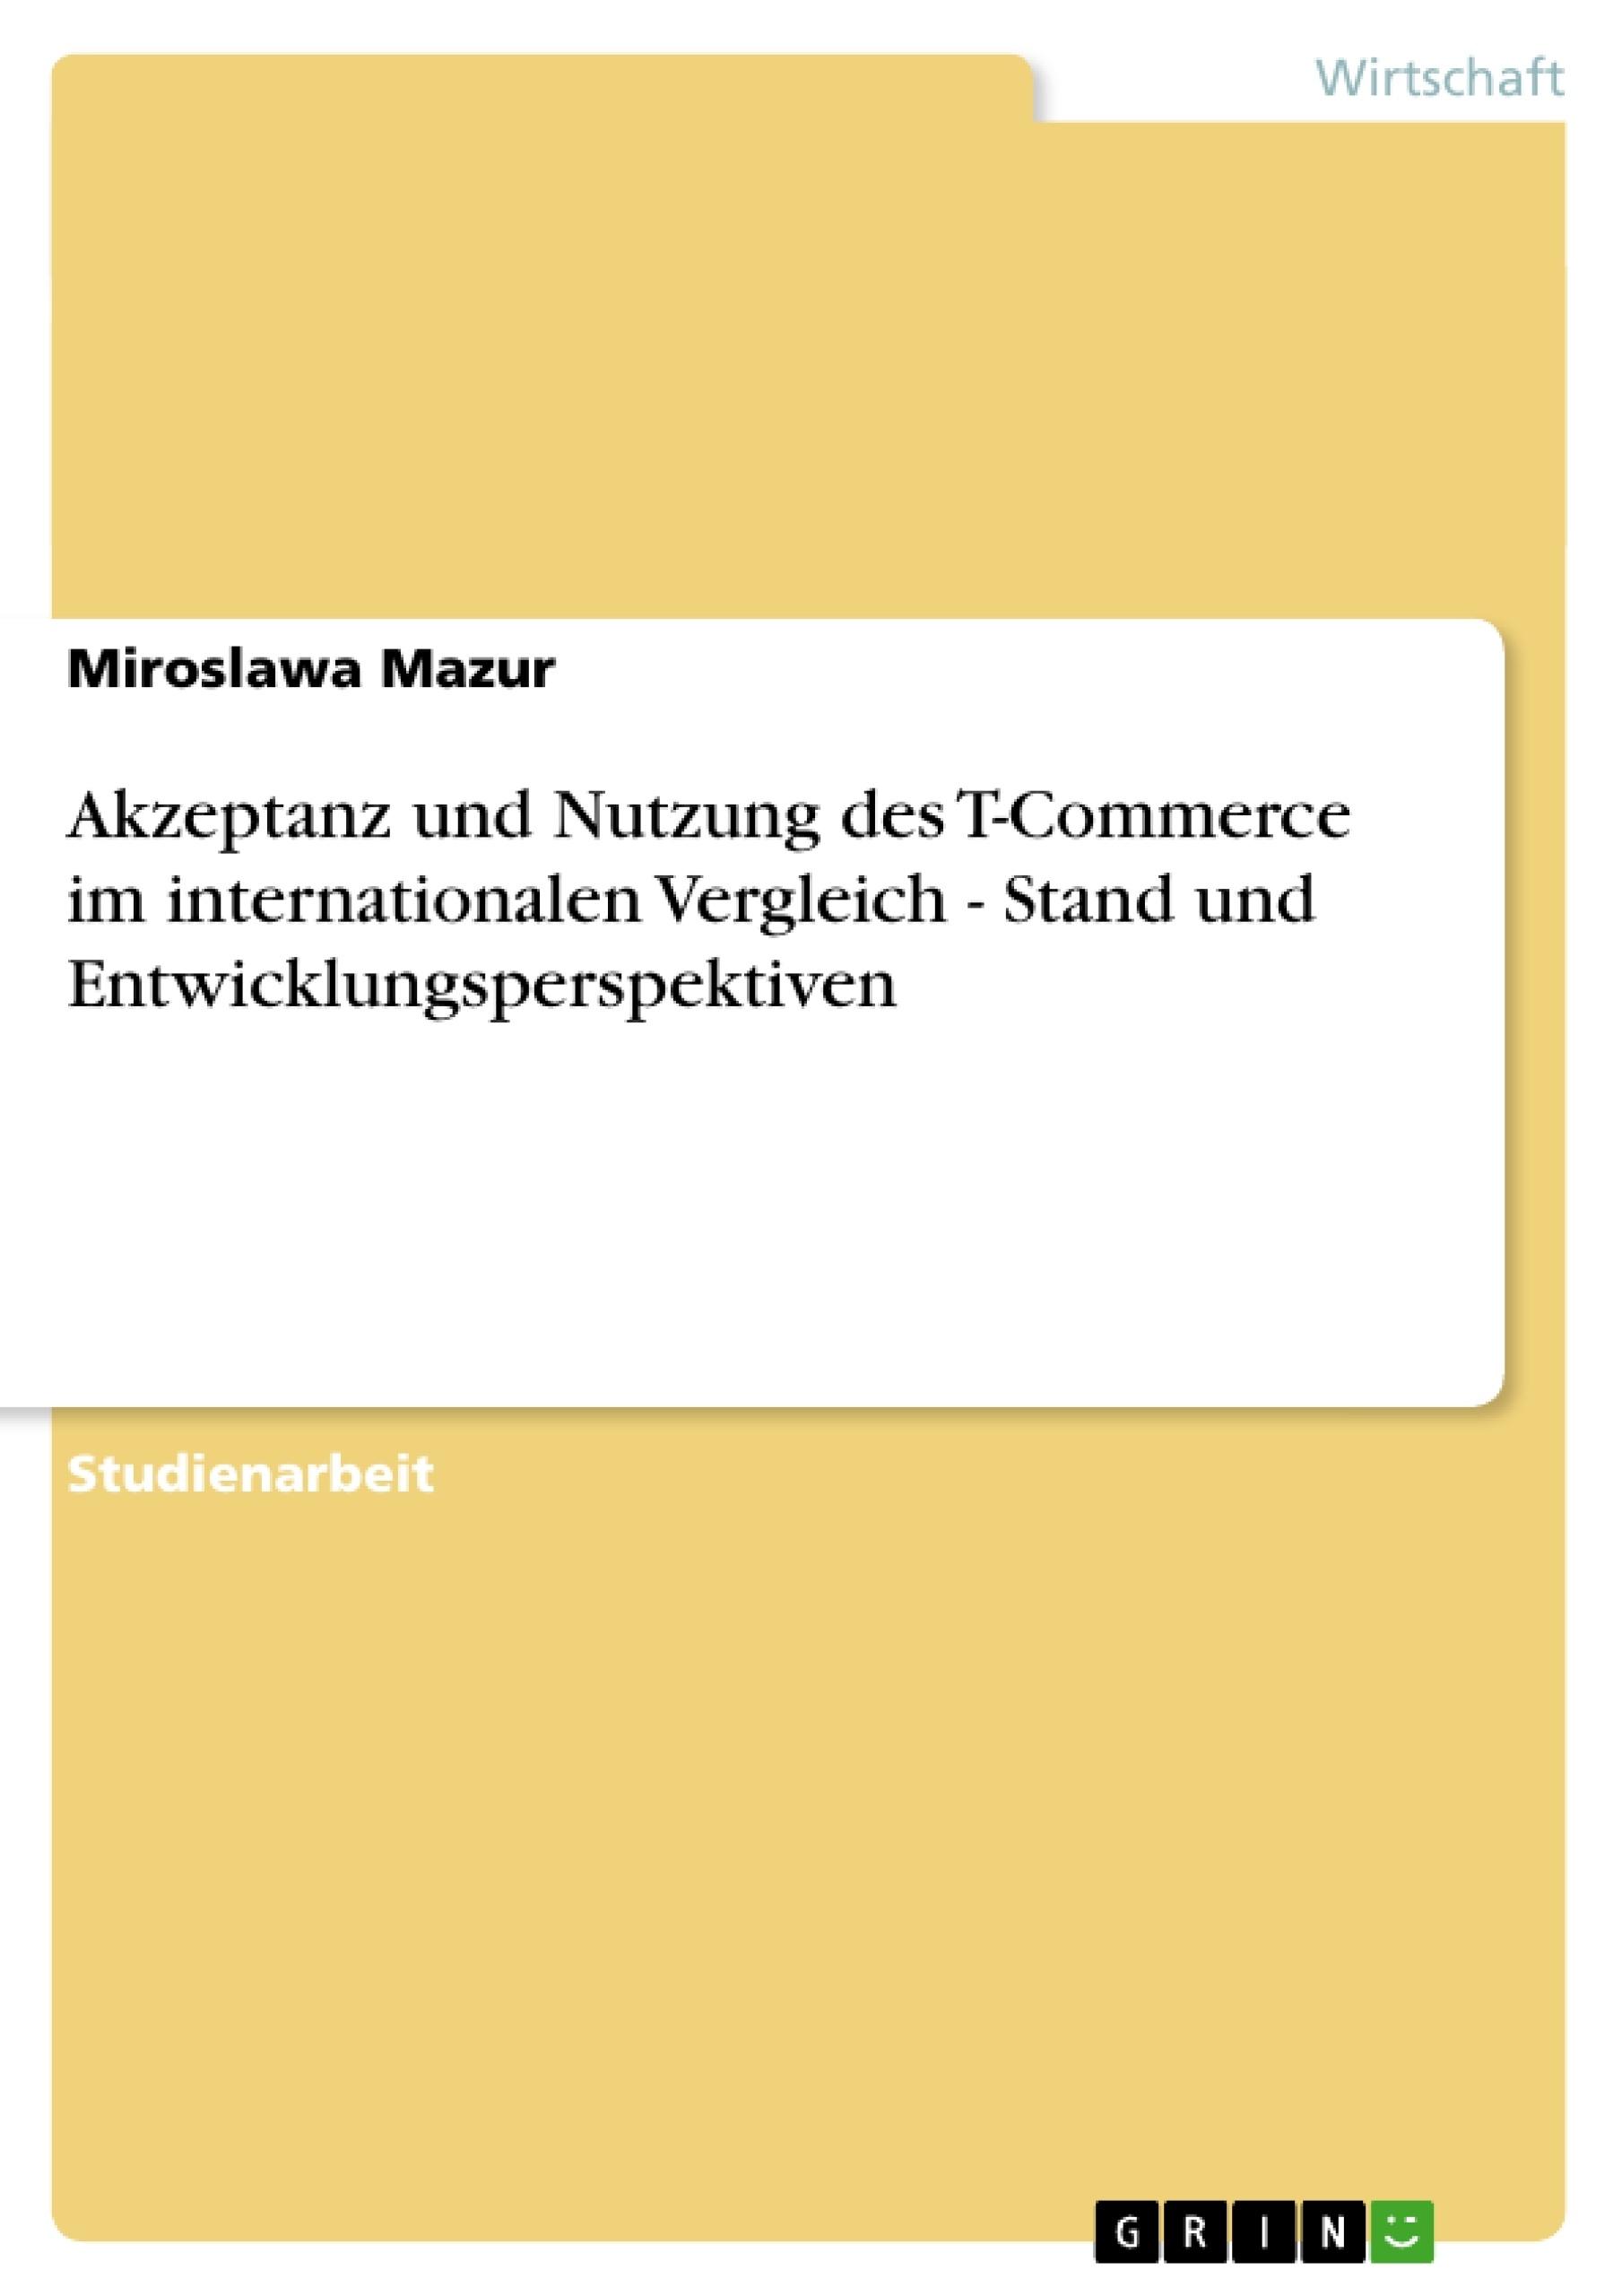 Titel: Akzeptanz und Nutzung des T-Commerce im internationalen Vergleich - Stand und Entwicklungsperspektiven